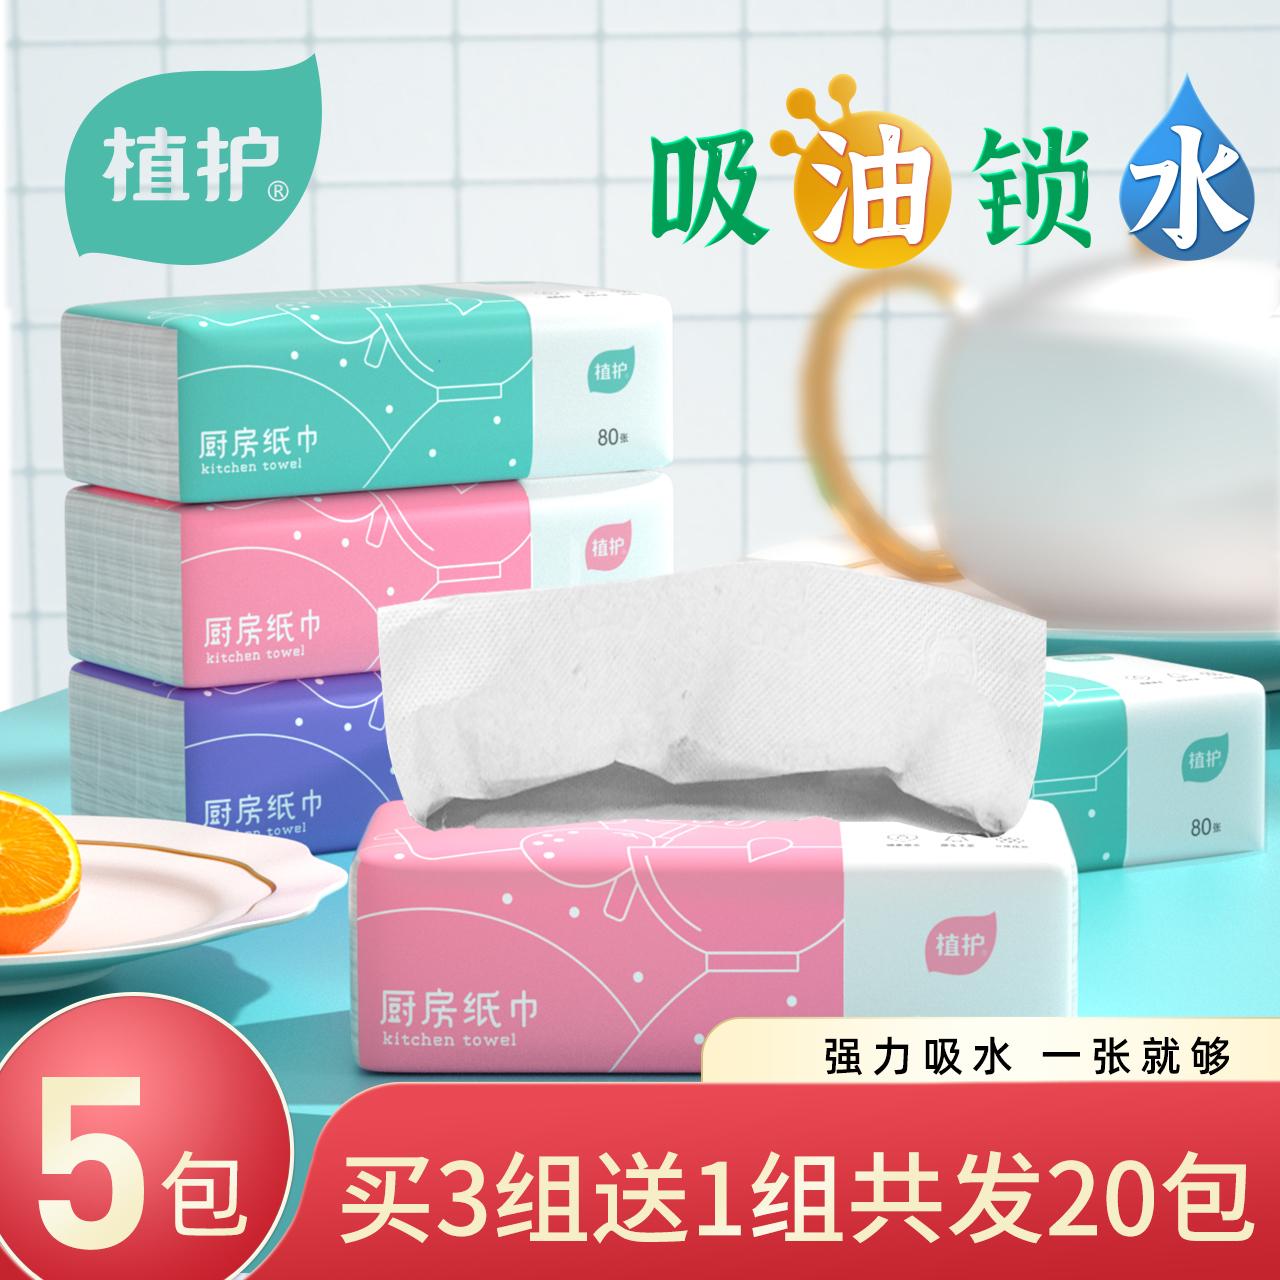 植护厨房用纸可代替抹布植护吸水吸油纸巾擦油纸去油炸卫生抽取式